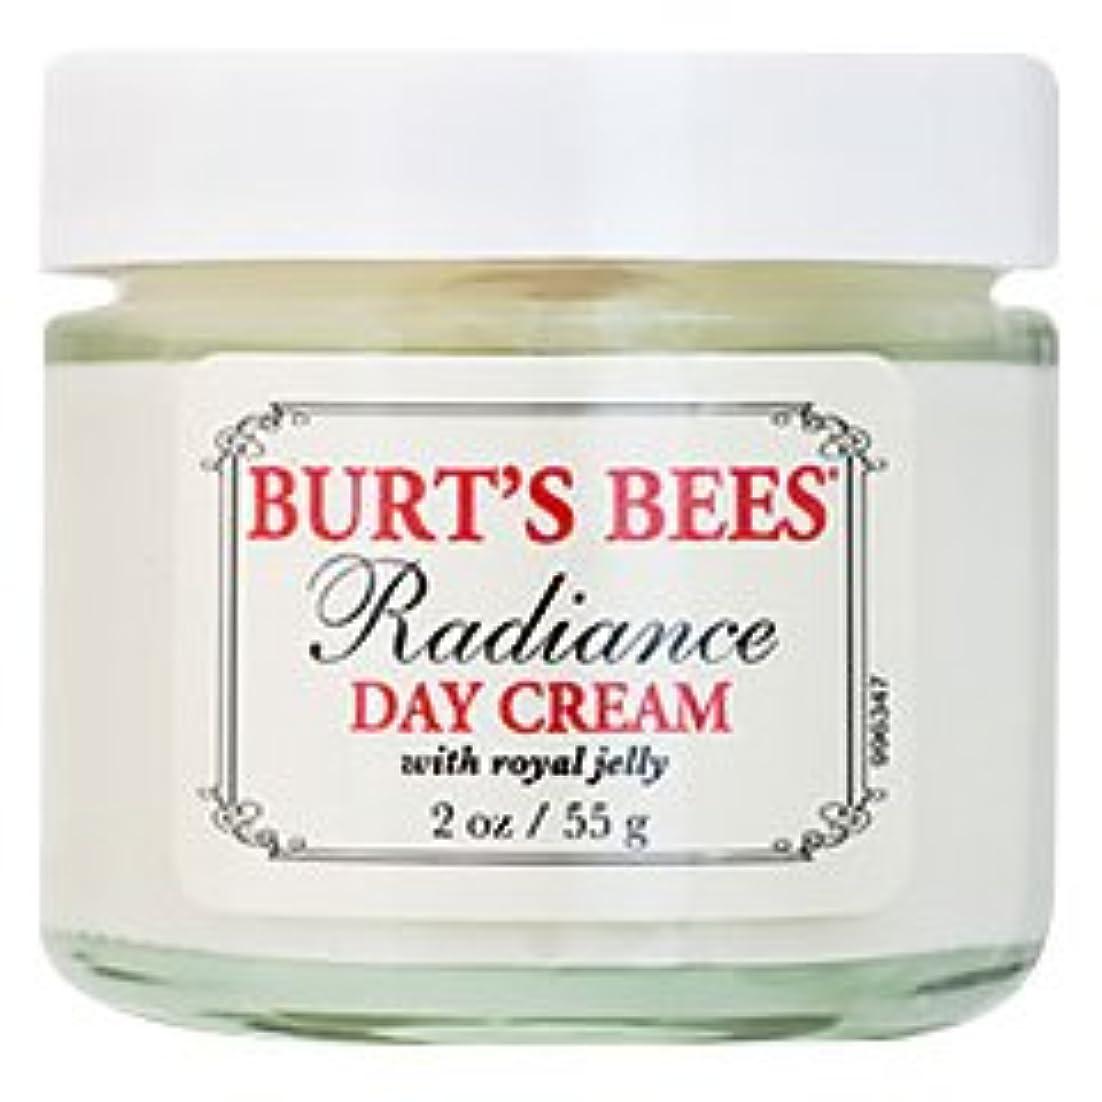 言語フィヨルド形バーツビーズ(Burt's Bees) ラディアンス デイクリーム(ロイヤルジェリー) 55g [海外直送品][並行輸入品]